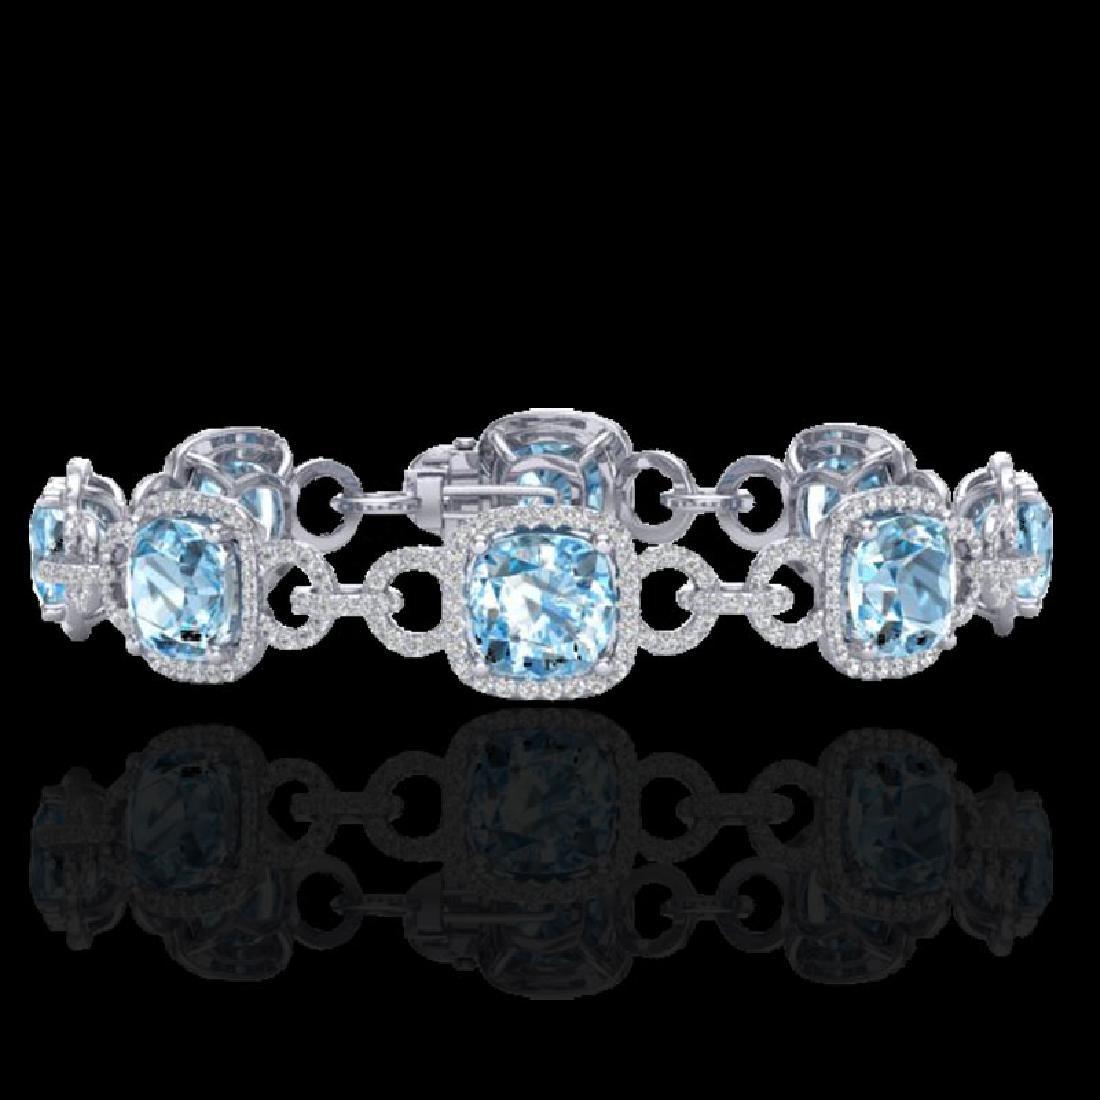 30 CTW Topaz & Micro VS/SI Diamond Bracelet 14K White